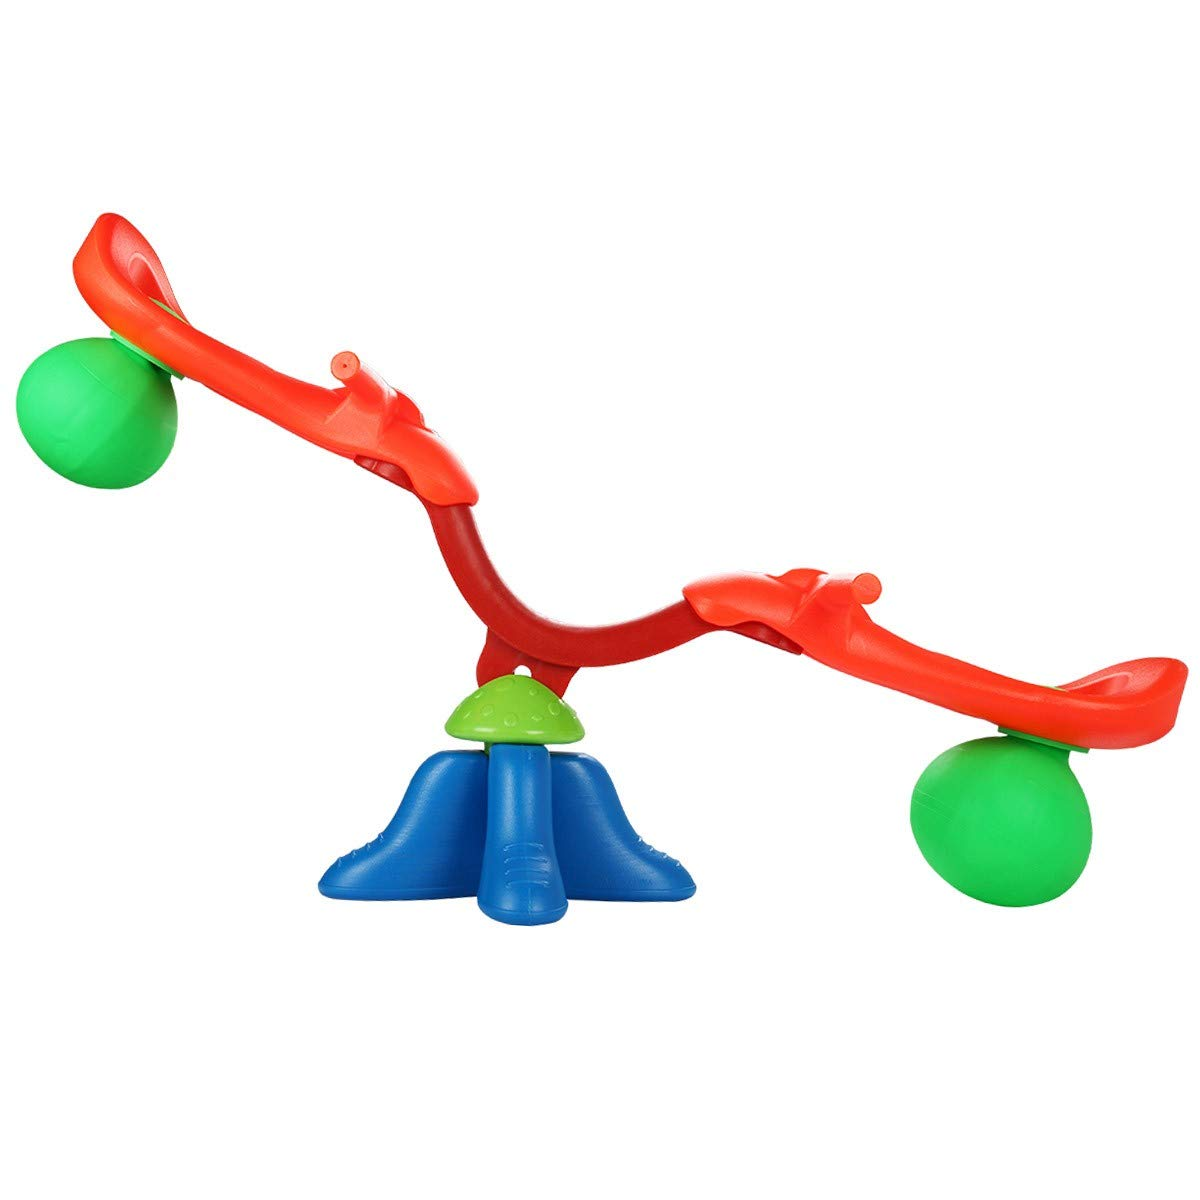 USA_BEST_SELLER Kids Seesaw 360 Degree Spinning Teeter Easy-Grip Totter Bouncer